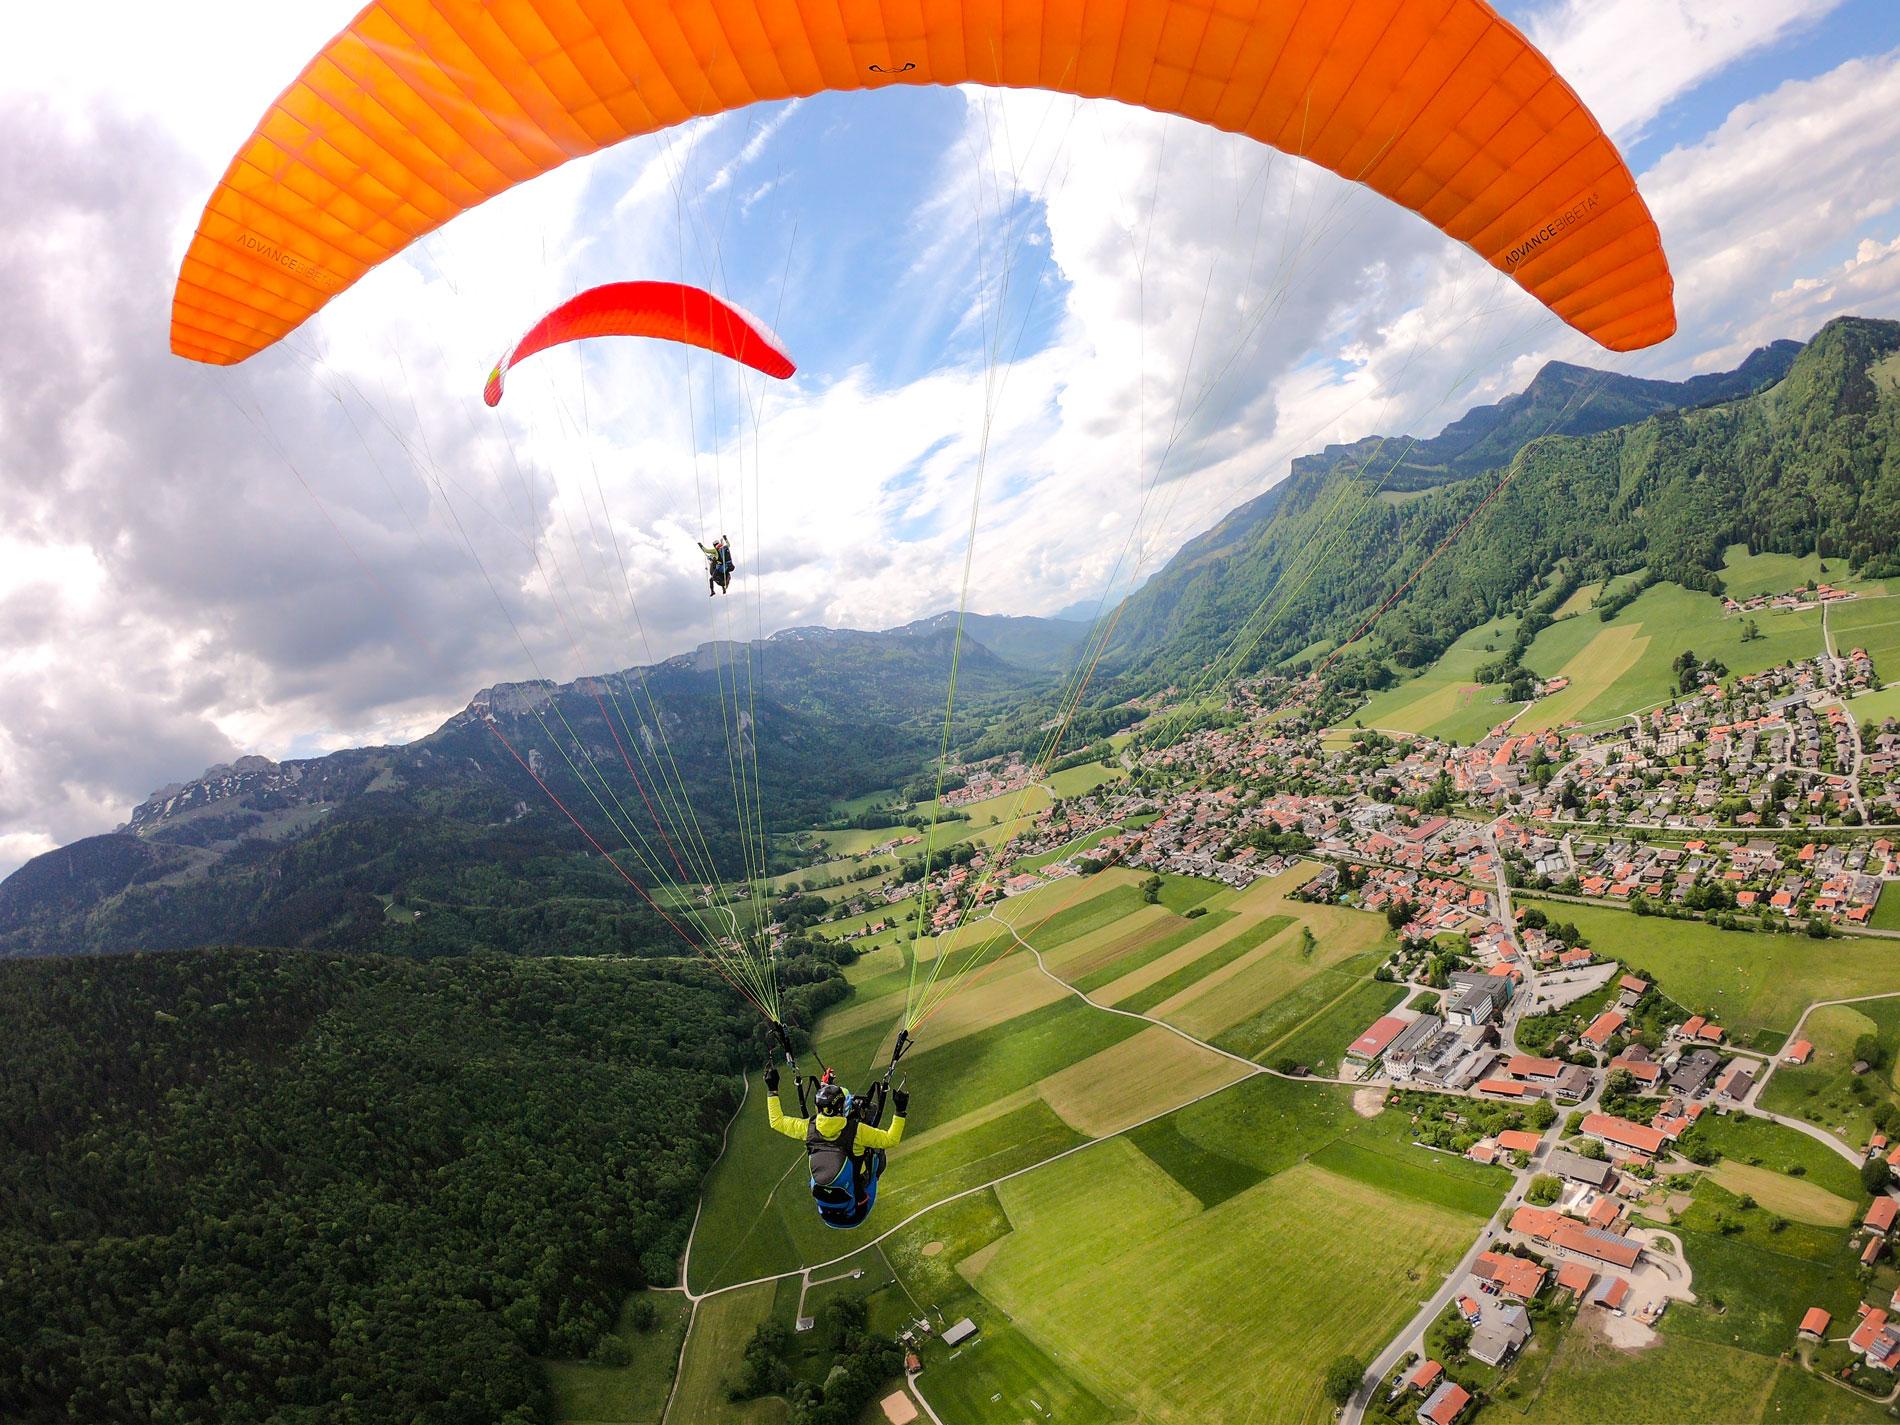 Partner-Doppel-Gleitschirm-Paragliding-Tandemflug-Gutschein-Tandemfliegen-Chiemgau